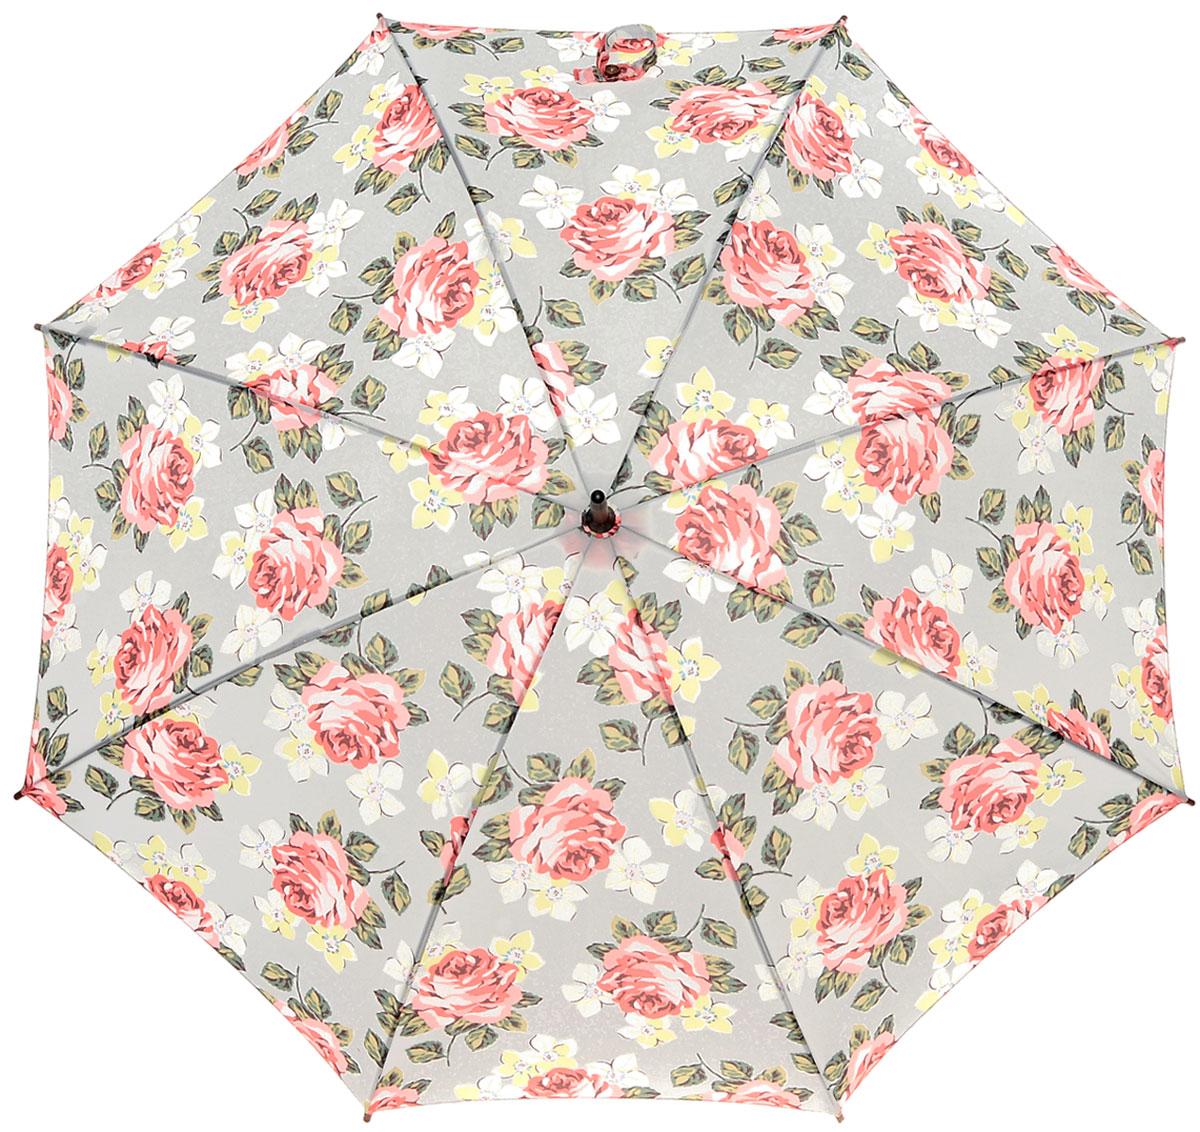 Зонт-трость женский Cath Kidston Kensington, механический, цвет: светло-серый, розовый, зеленый. L541-3143П300020005-20Яркий механический зонт-трость Cath Kidston Kensington даже в ненастную погоду позволит вам оставаться стильной и элегантной. Каркас зонта включает 8 спиц из фибергласса с деревянным наконечниками. Стержень изготовлен из дерева. Купол зонта выполнен из износостойкого полиэстера и оформлен цветочным принтом. Изделие дополнено удобной рукояткой из гладкого дерева.Зонт механического сложения: купол открывается и закрывается вручную до характерного щелчка. Модель дополнительно застегивается с помощью двух хлястиков: на кнопку и липучку с декоративной пуговицей.Такой зонт не только надежно защитит вас от дождя, но и станет стильным аксессуаром, который идеально подчеркнет ваш неповторимый образ.